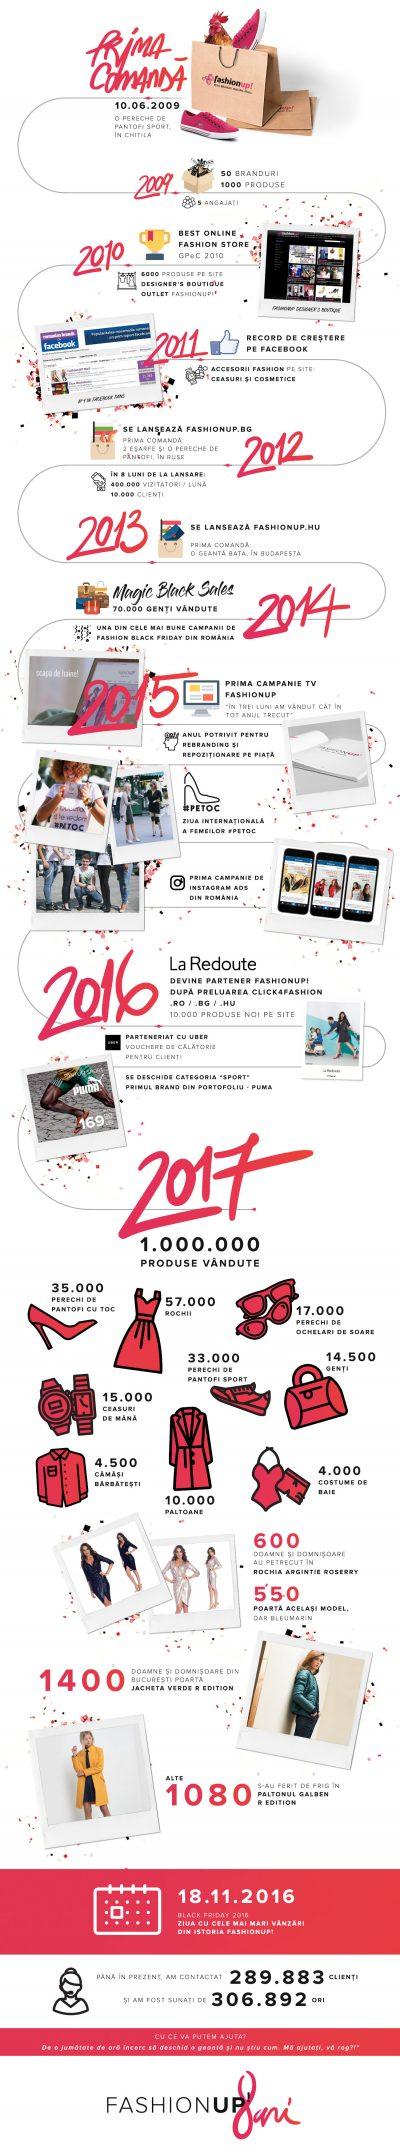 FashionUP aniversează 8 ani: 1 milion de produse vândute și extindere în Bulgaria și Ungaria